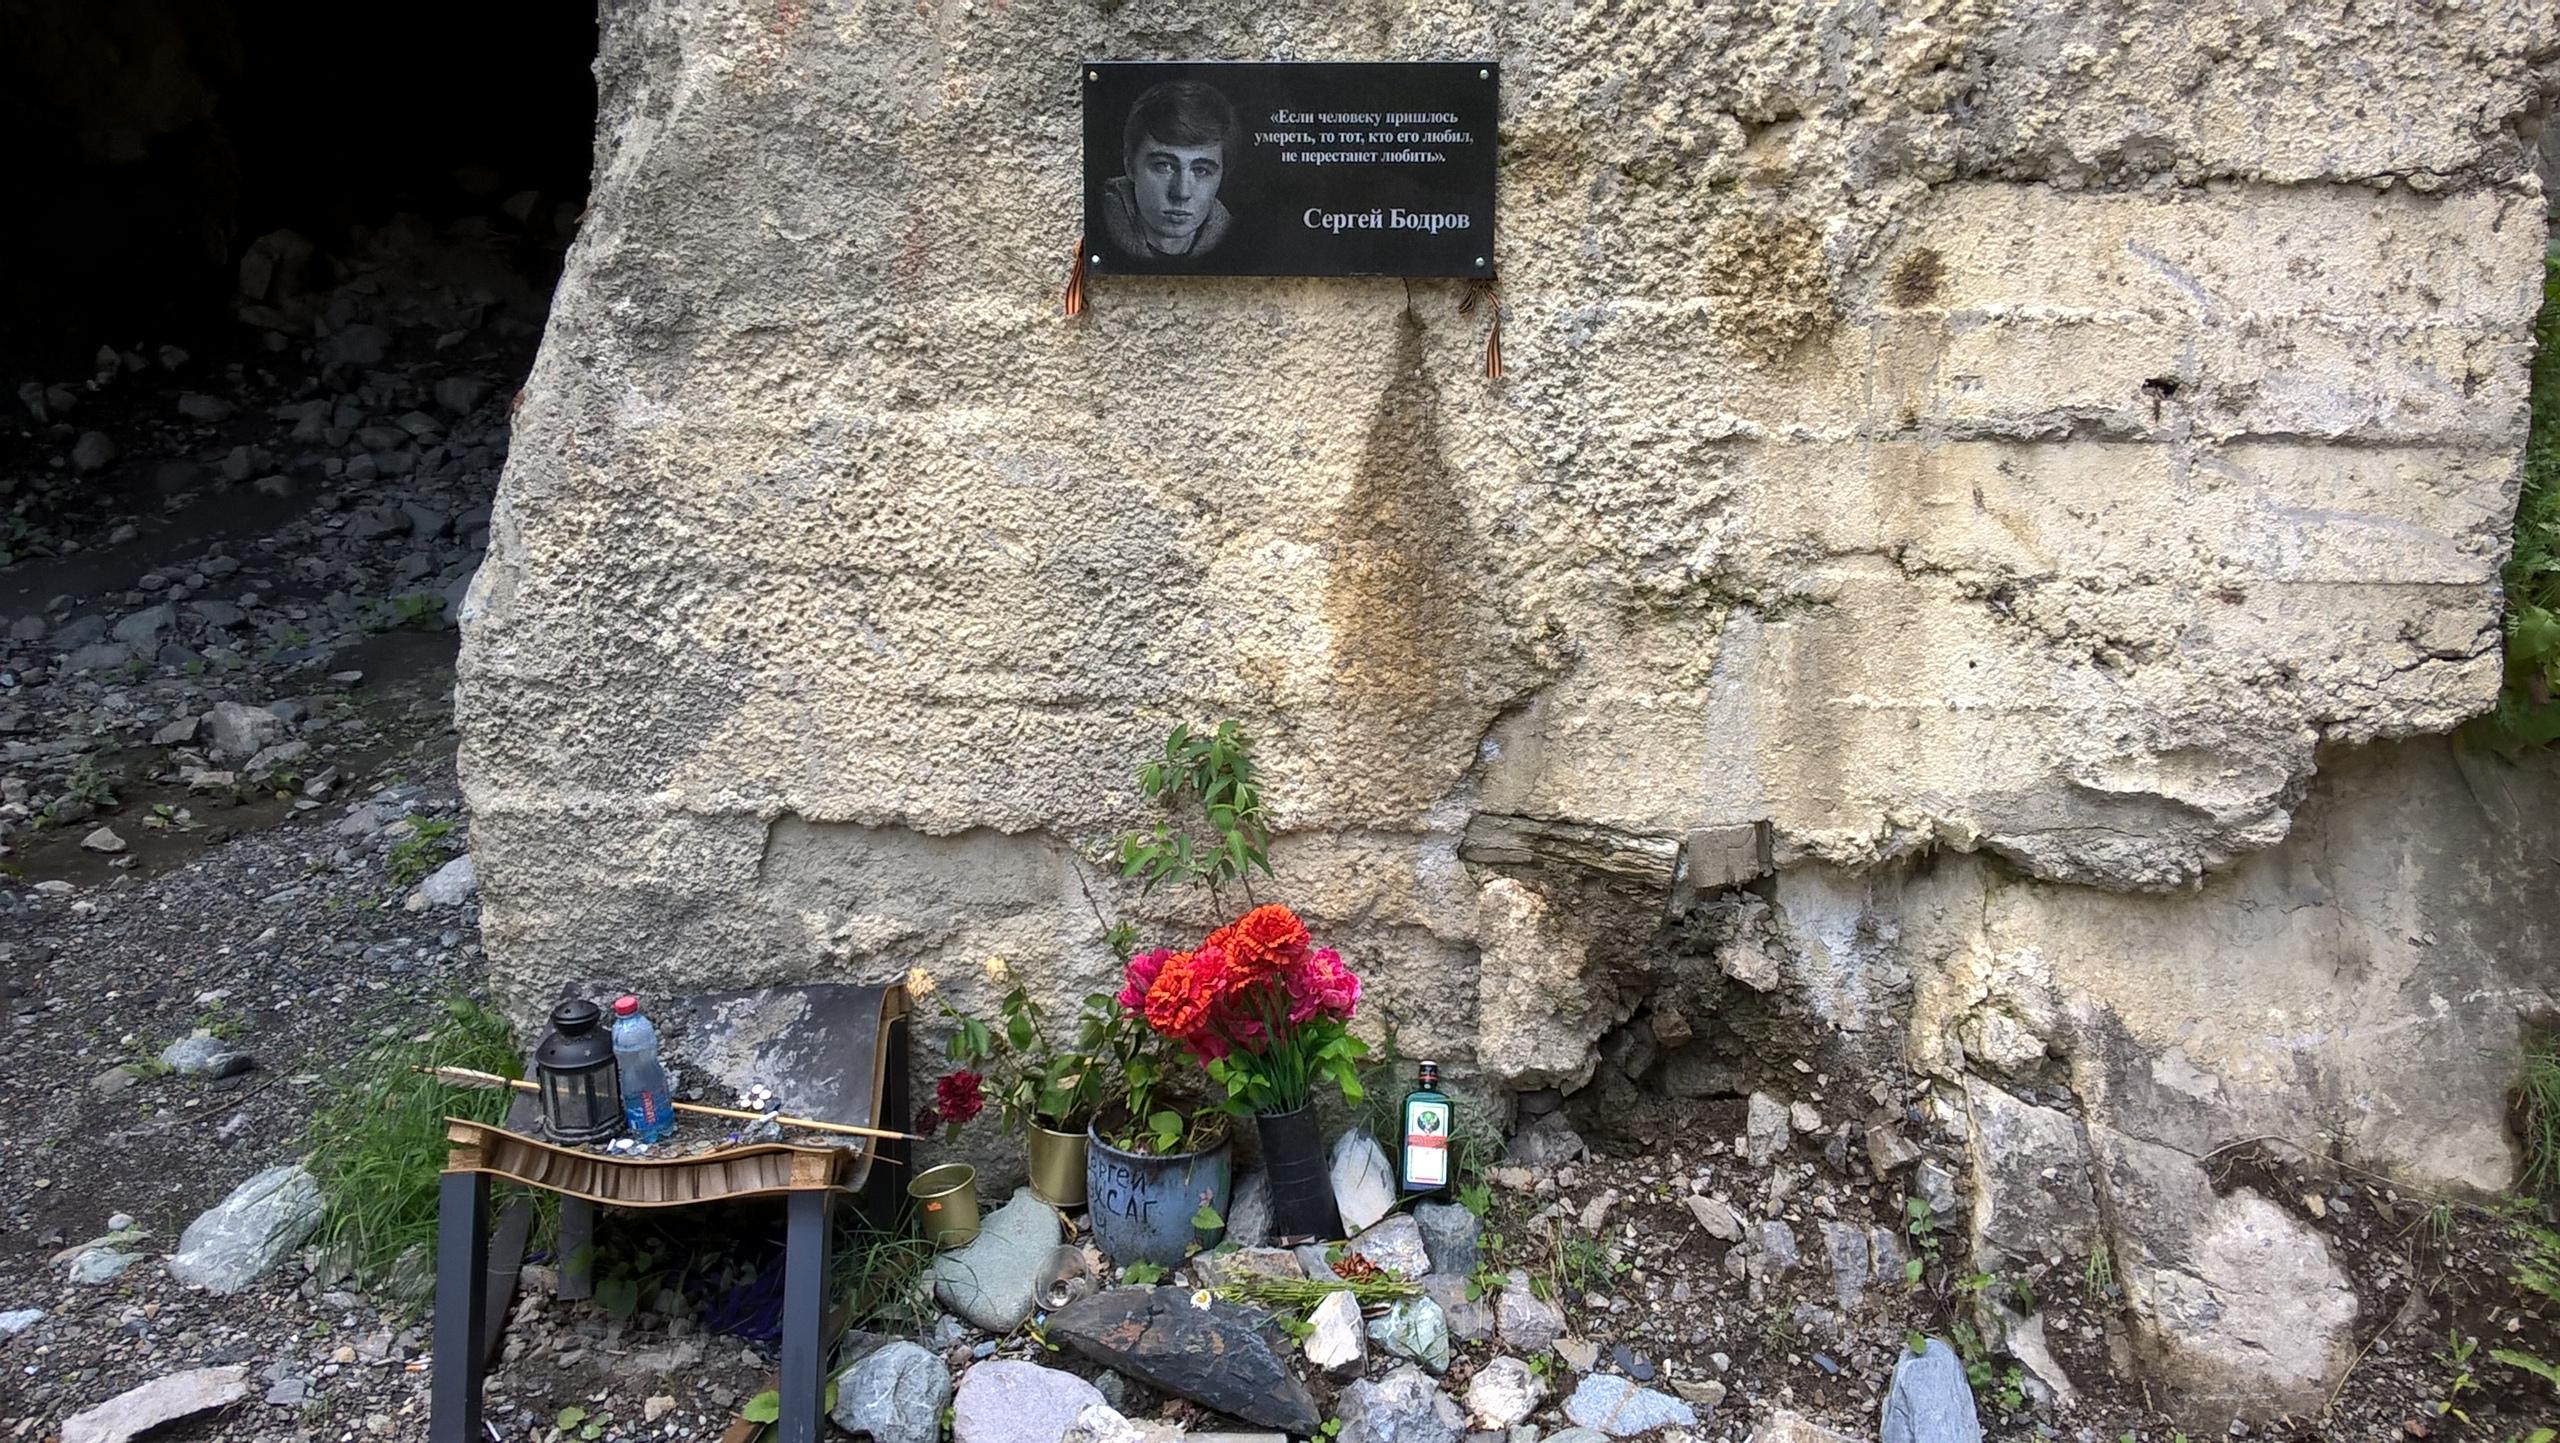 Памятная табличка о Сергее Бодрове в Кармадонском ущелье.